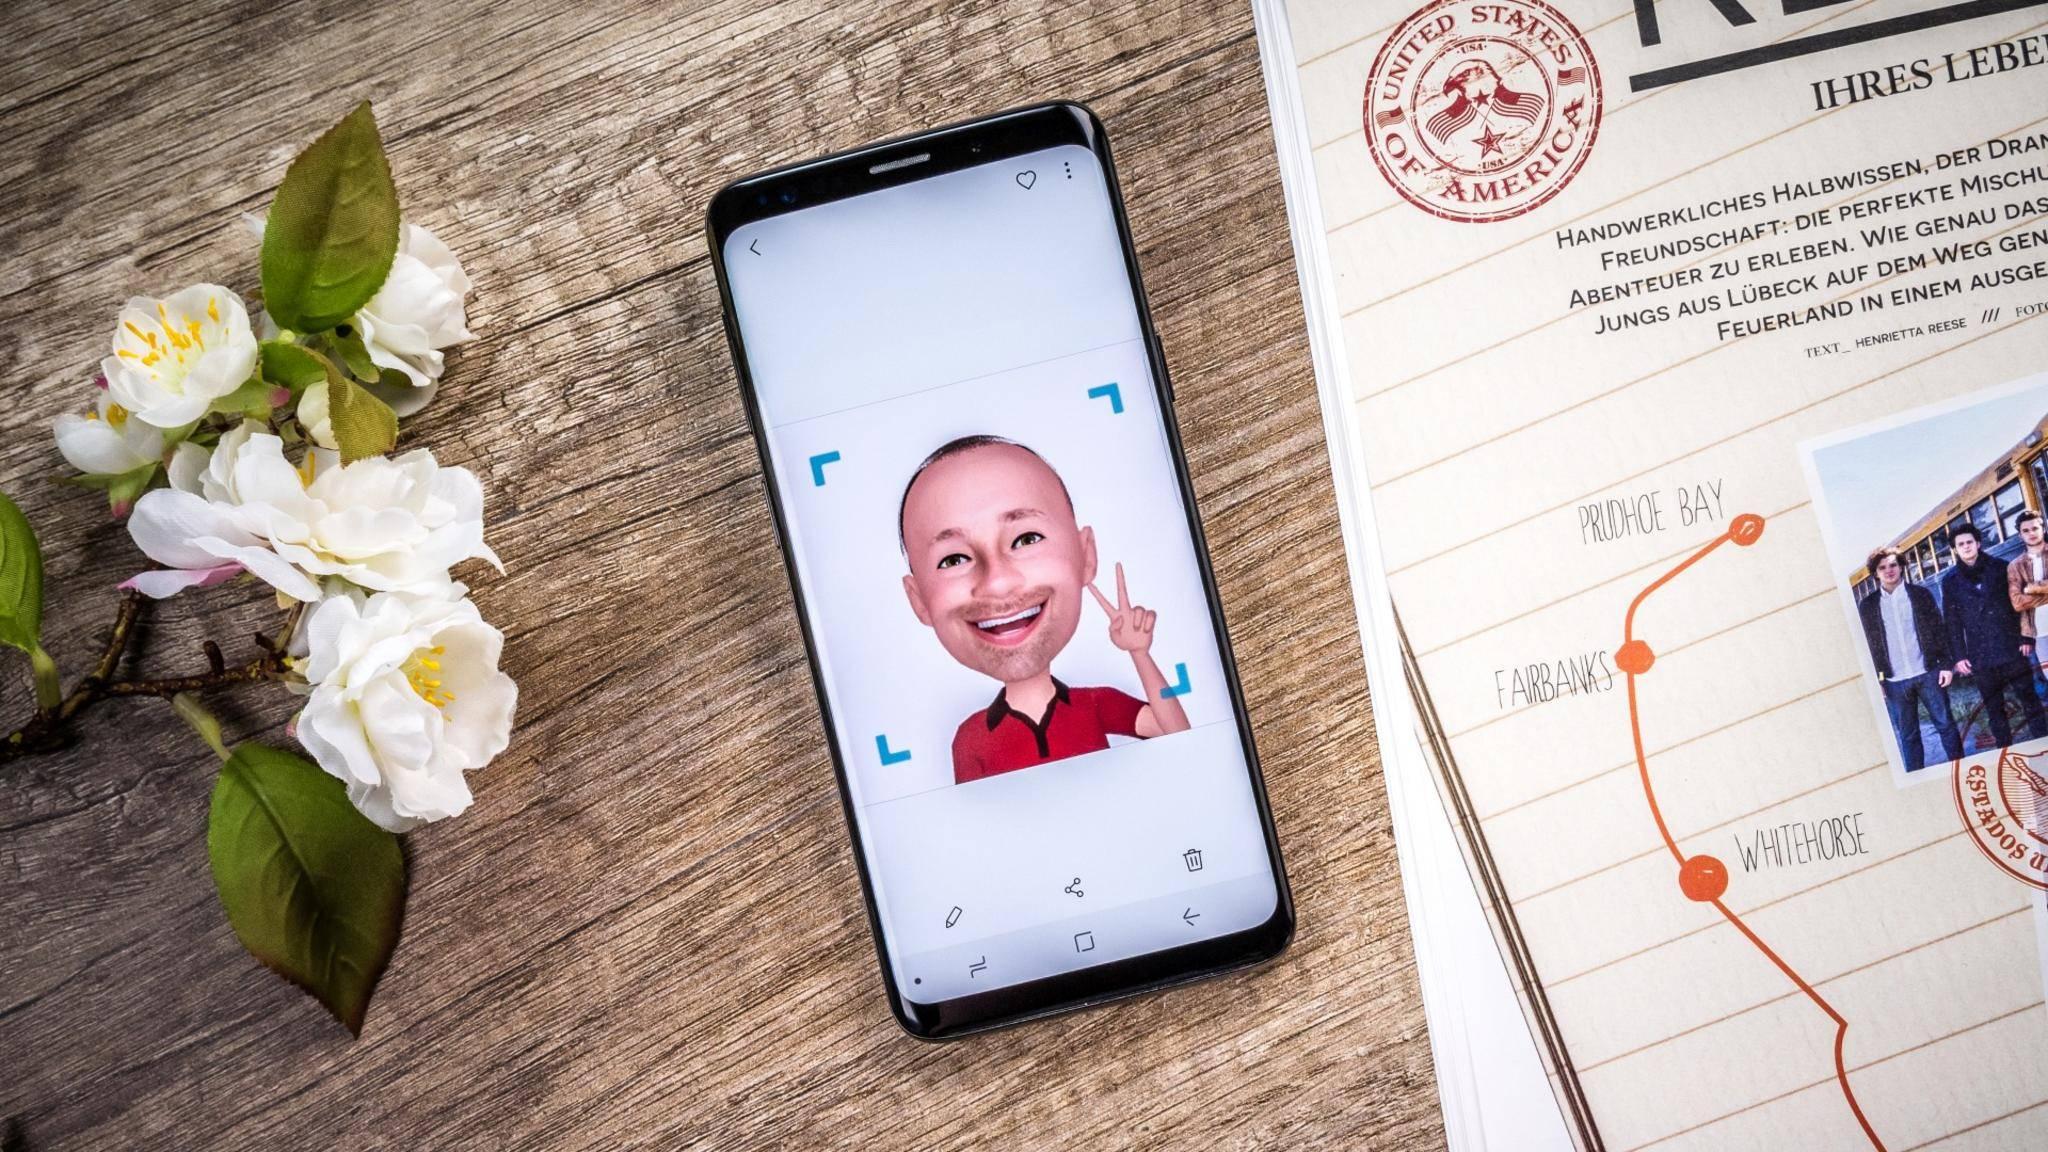 Samsungs AR-Emojis könnten zukünftig für Videoanrufe eingesetzt werden.